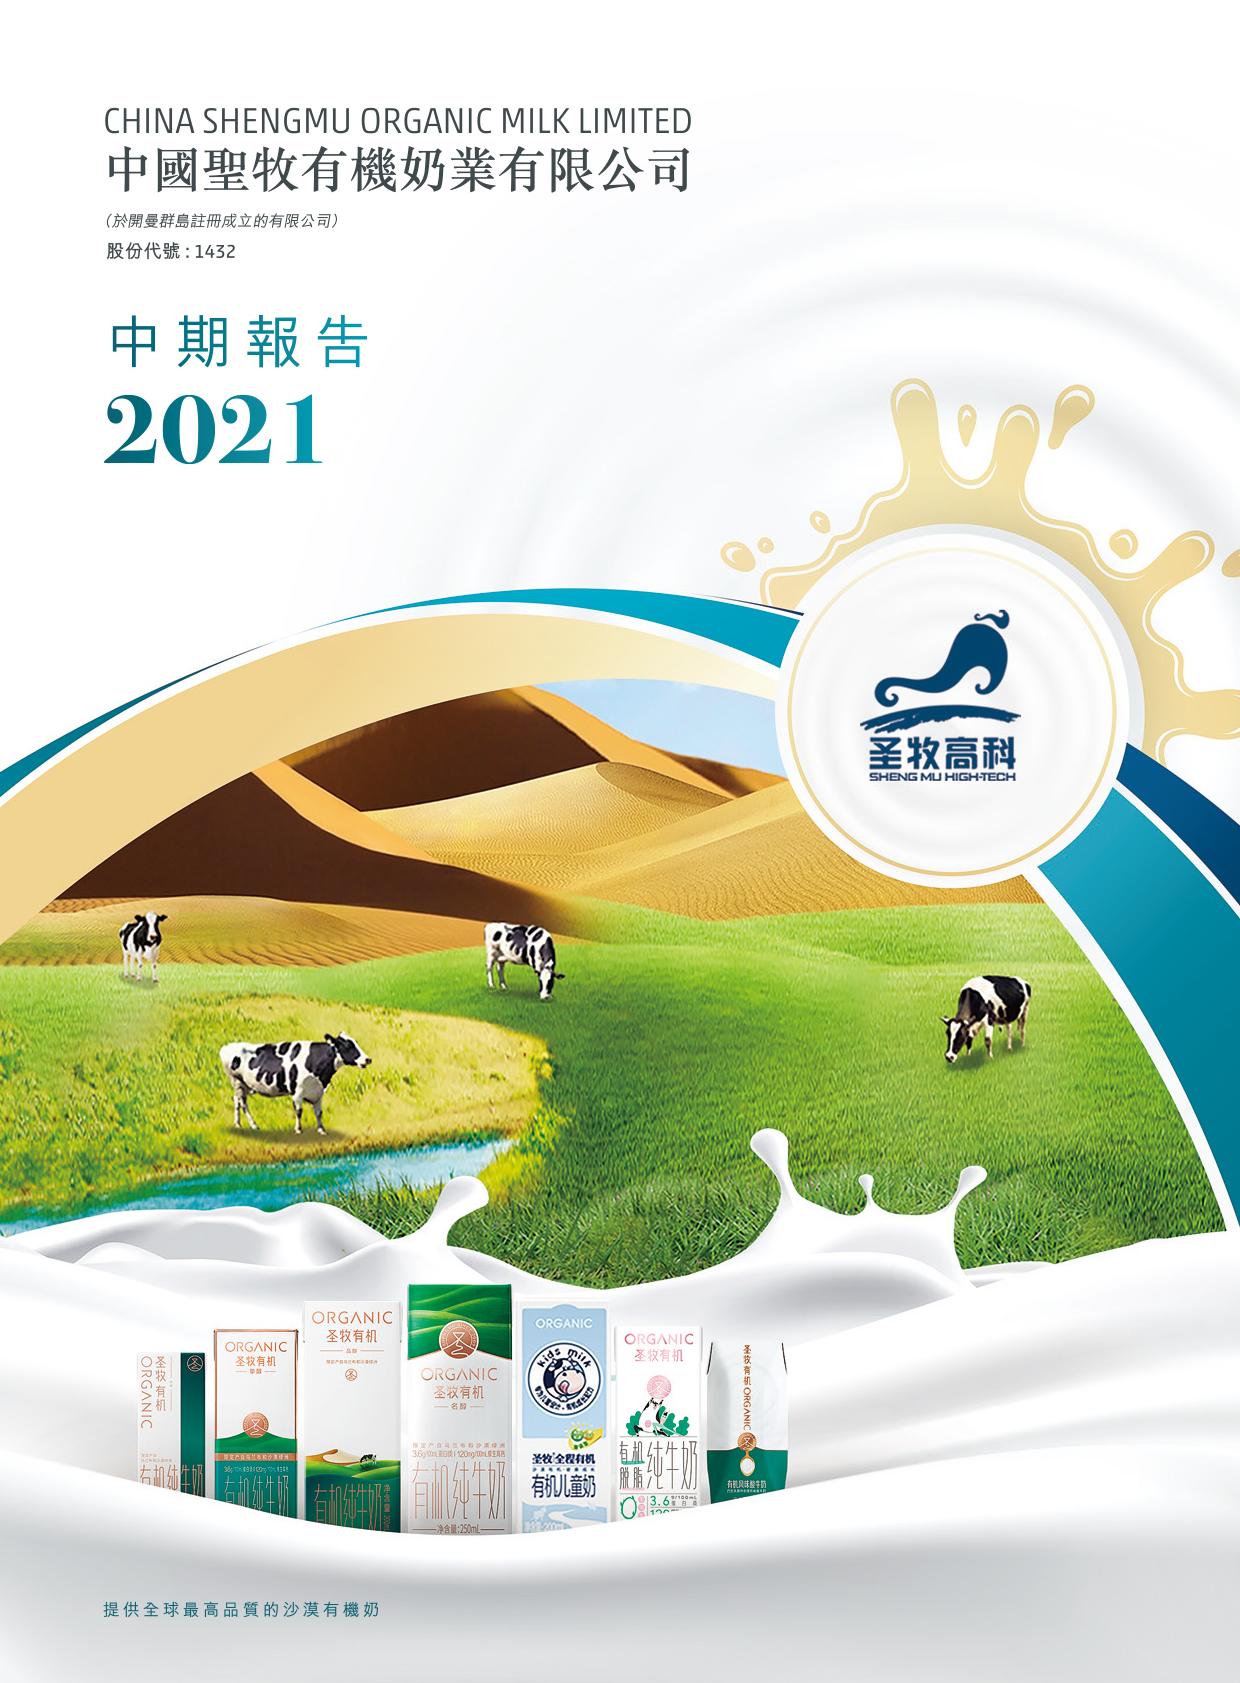 中國聖牧有機奶業有限公司